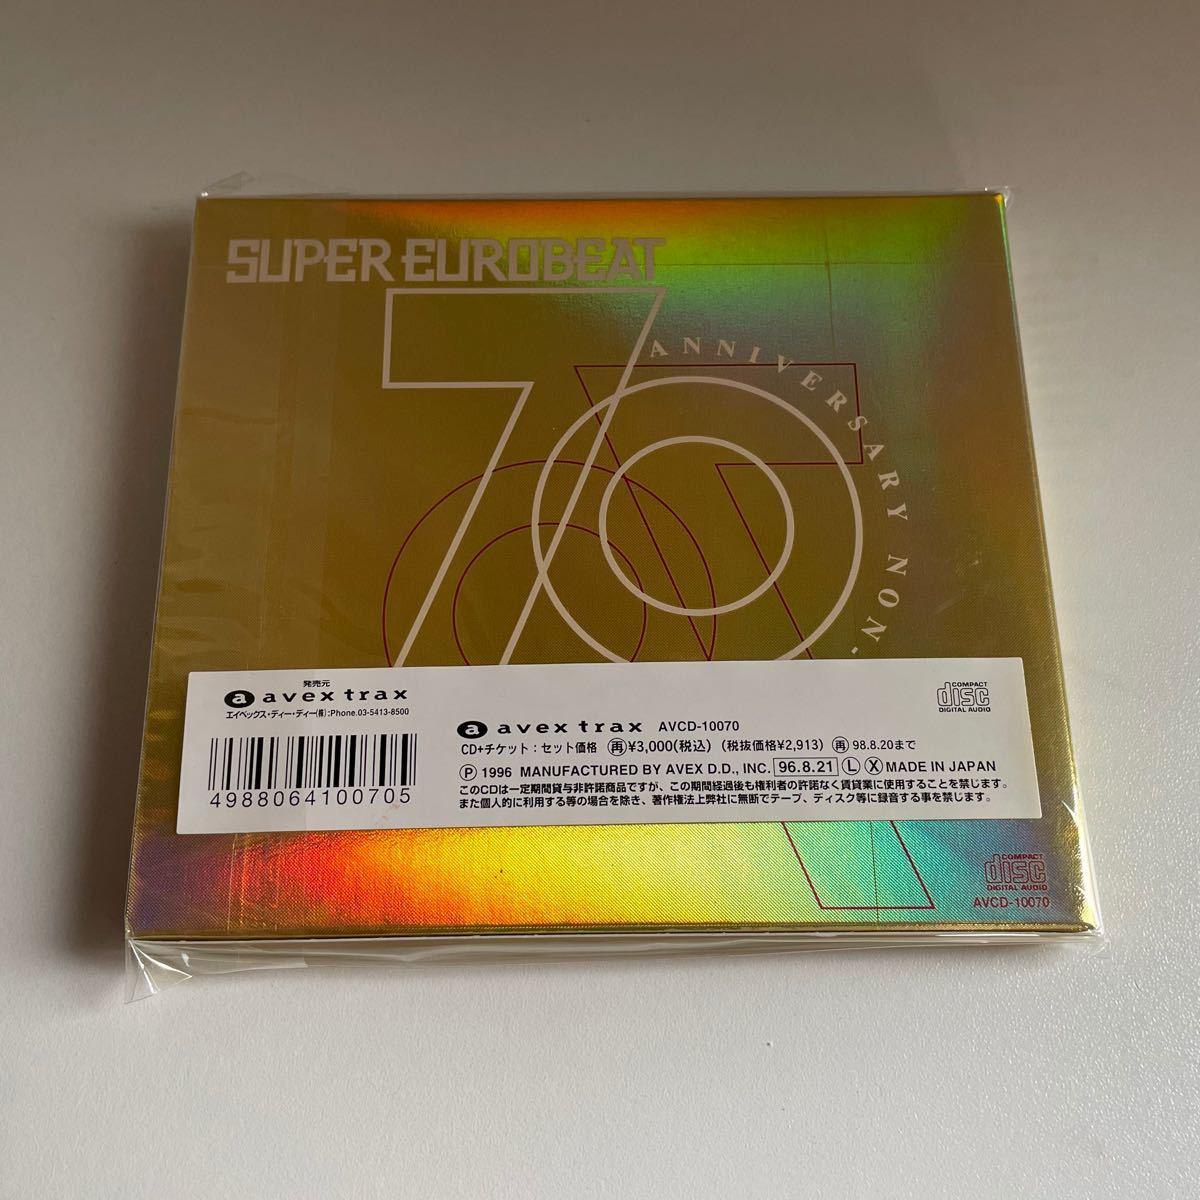 SUPER EUROBEAT VOL.70 スーパーユーロビートVOL.70